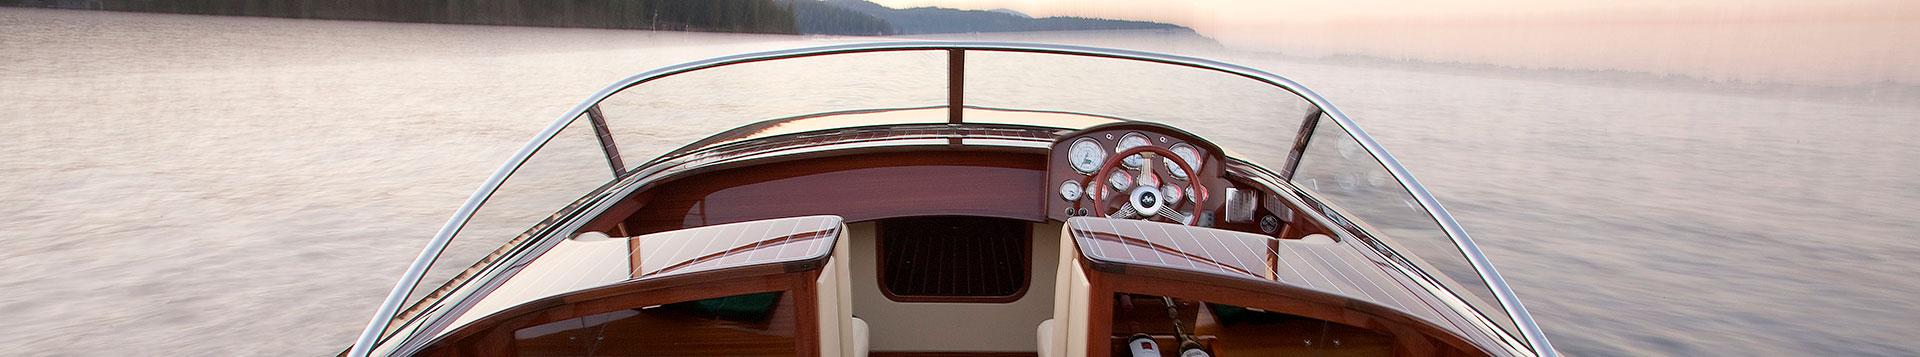 Prepare your boat for winter storage